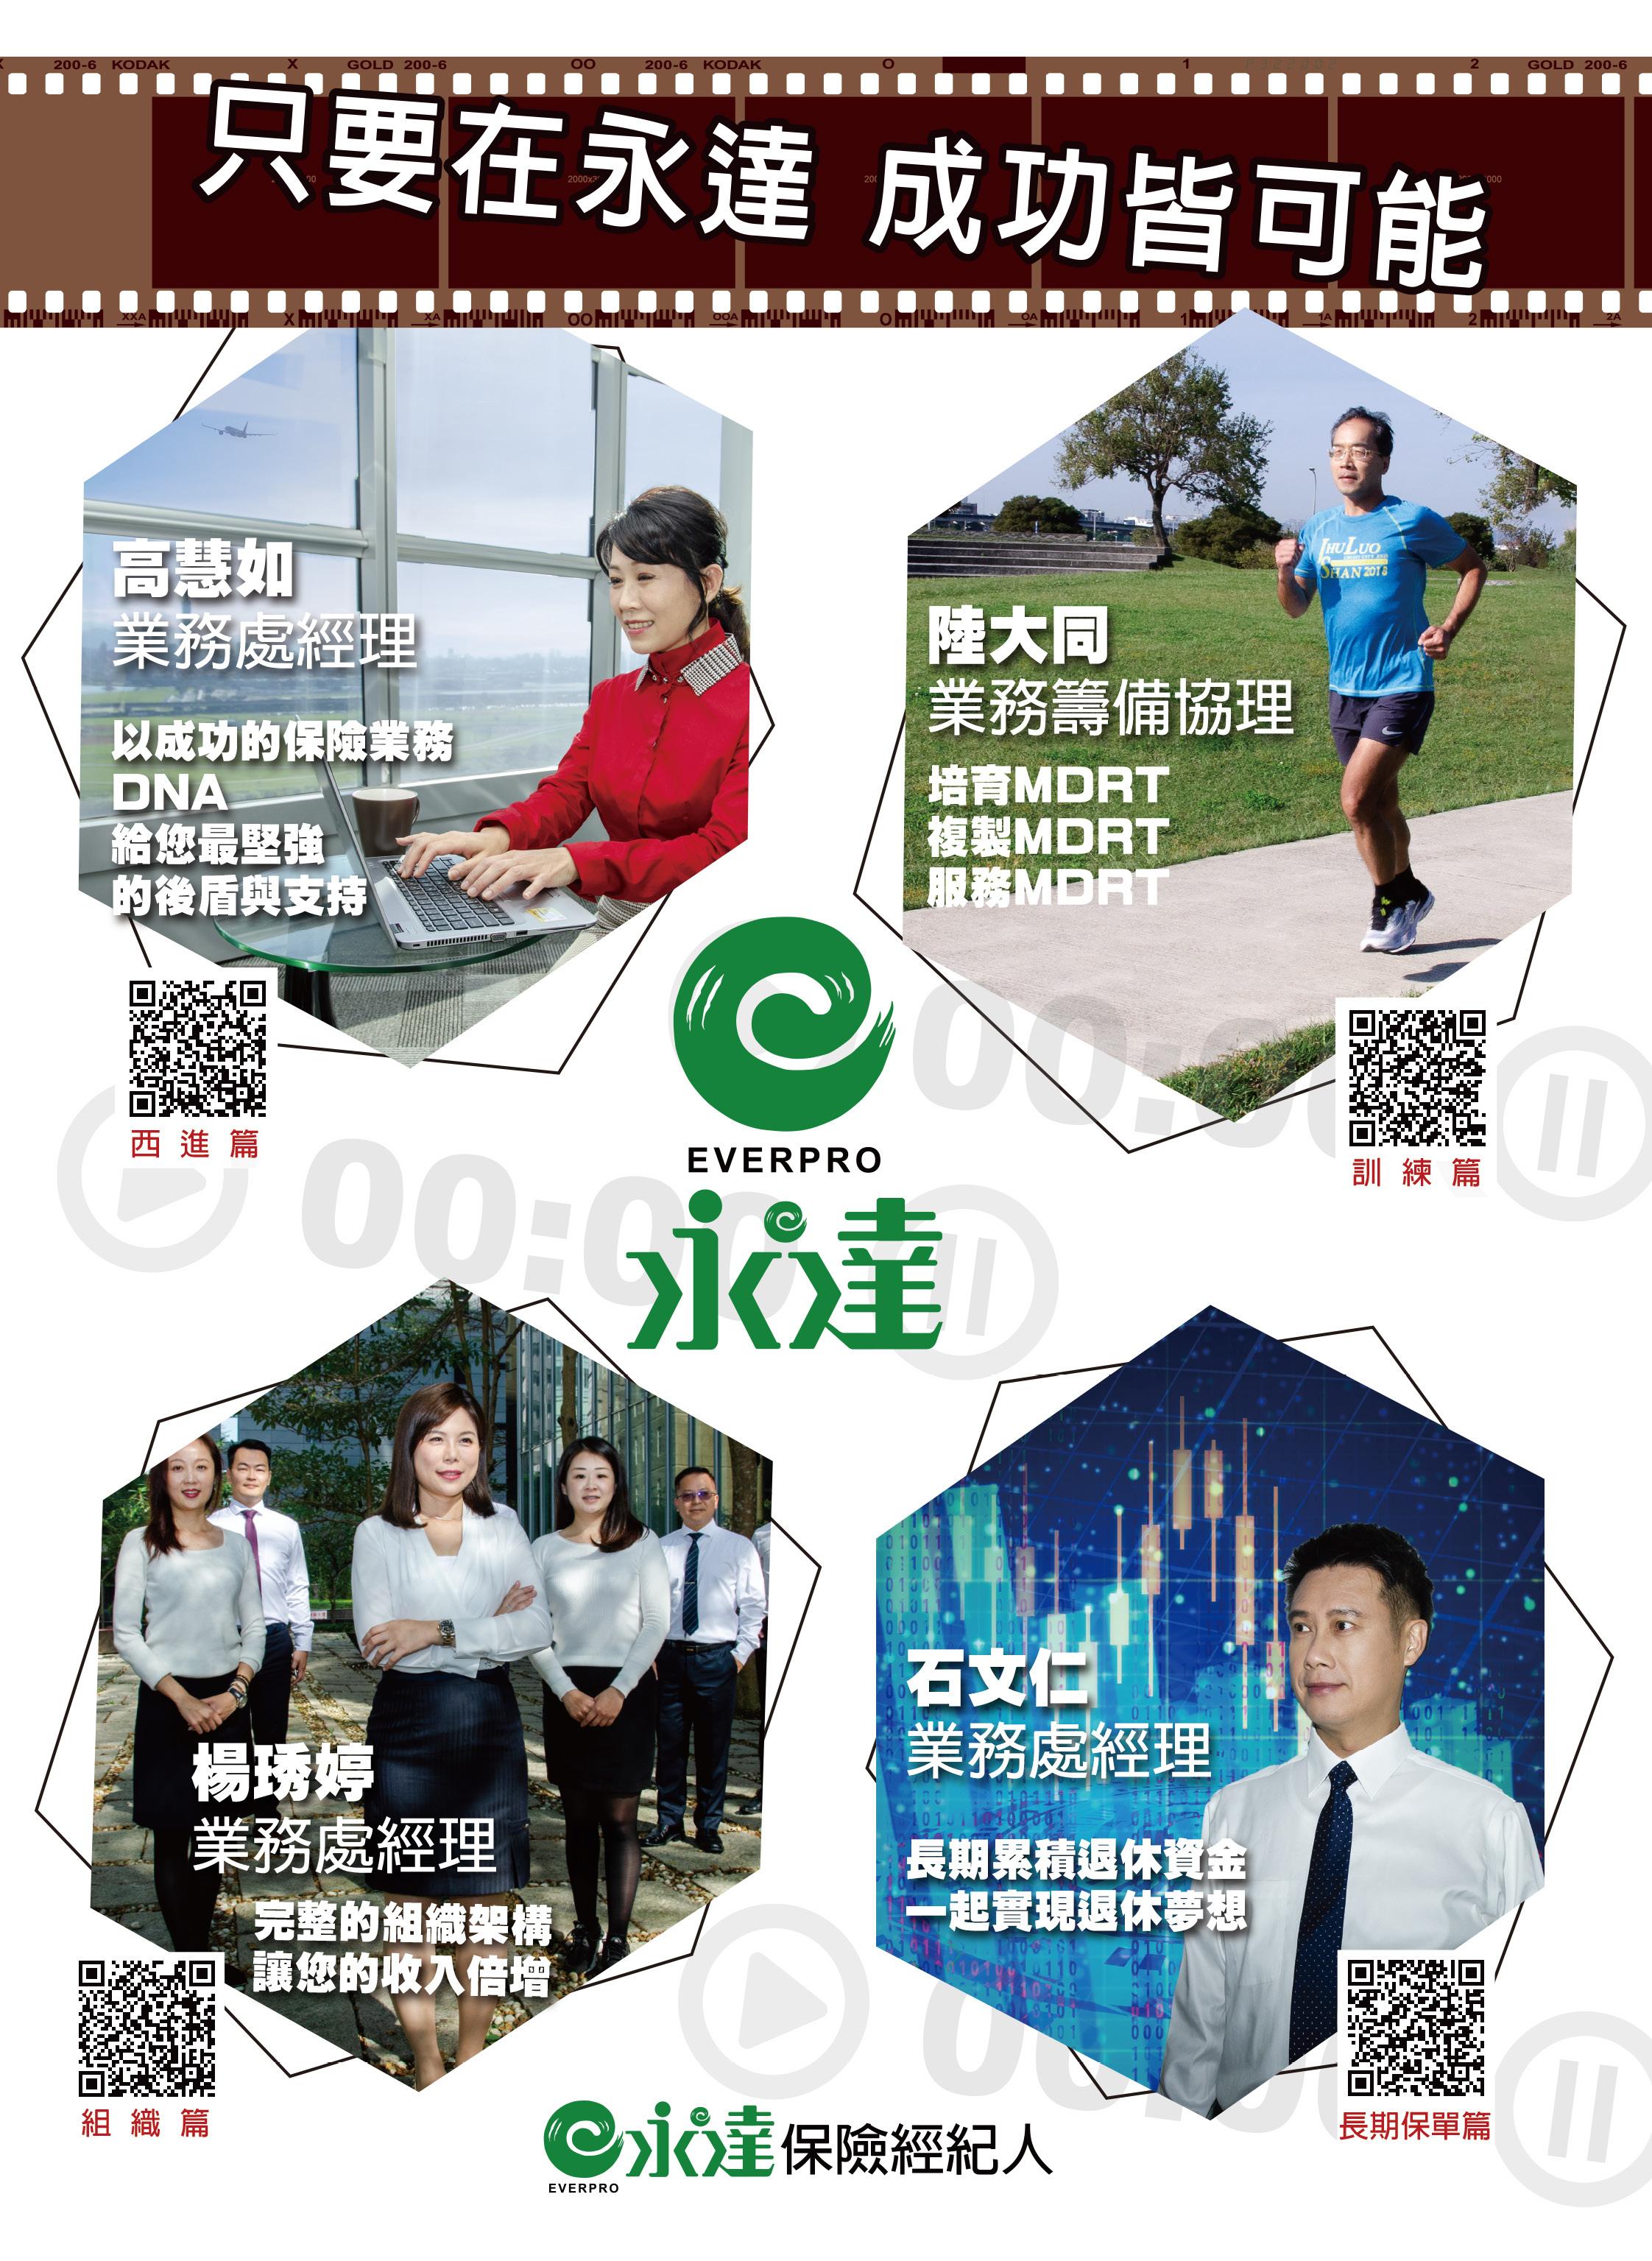 陸大同業務籌備協理、楊琇婷業務處經理、高慧如業務處經理、石文仁業務處經理。